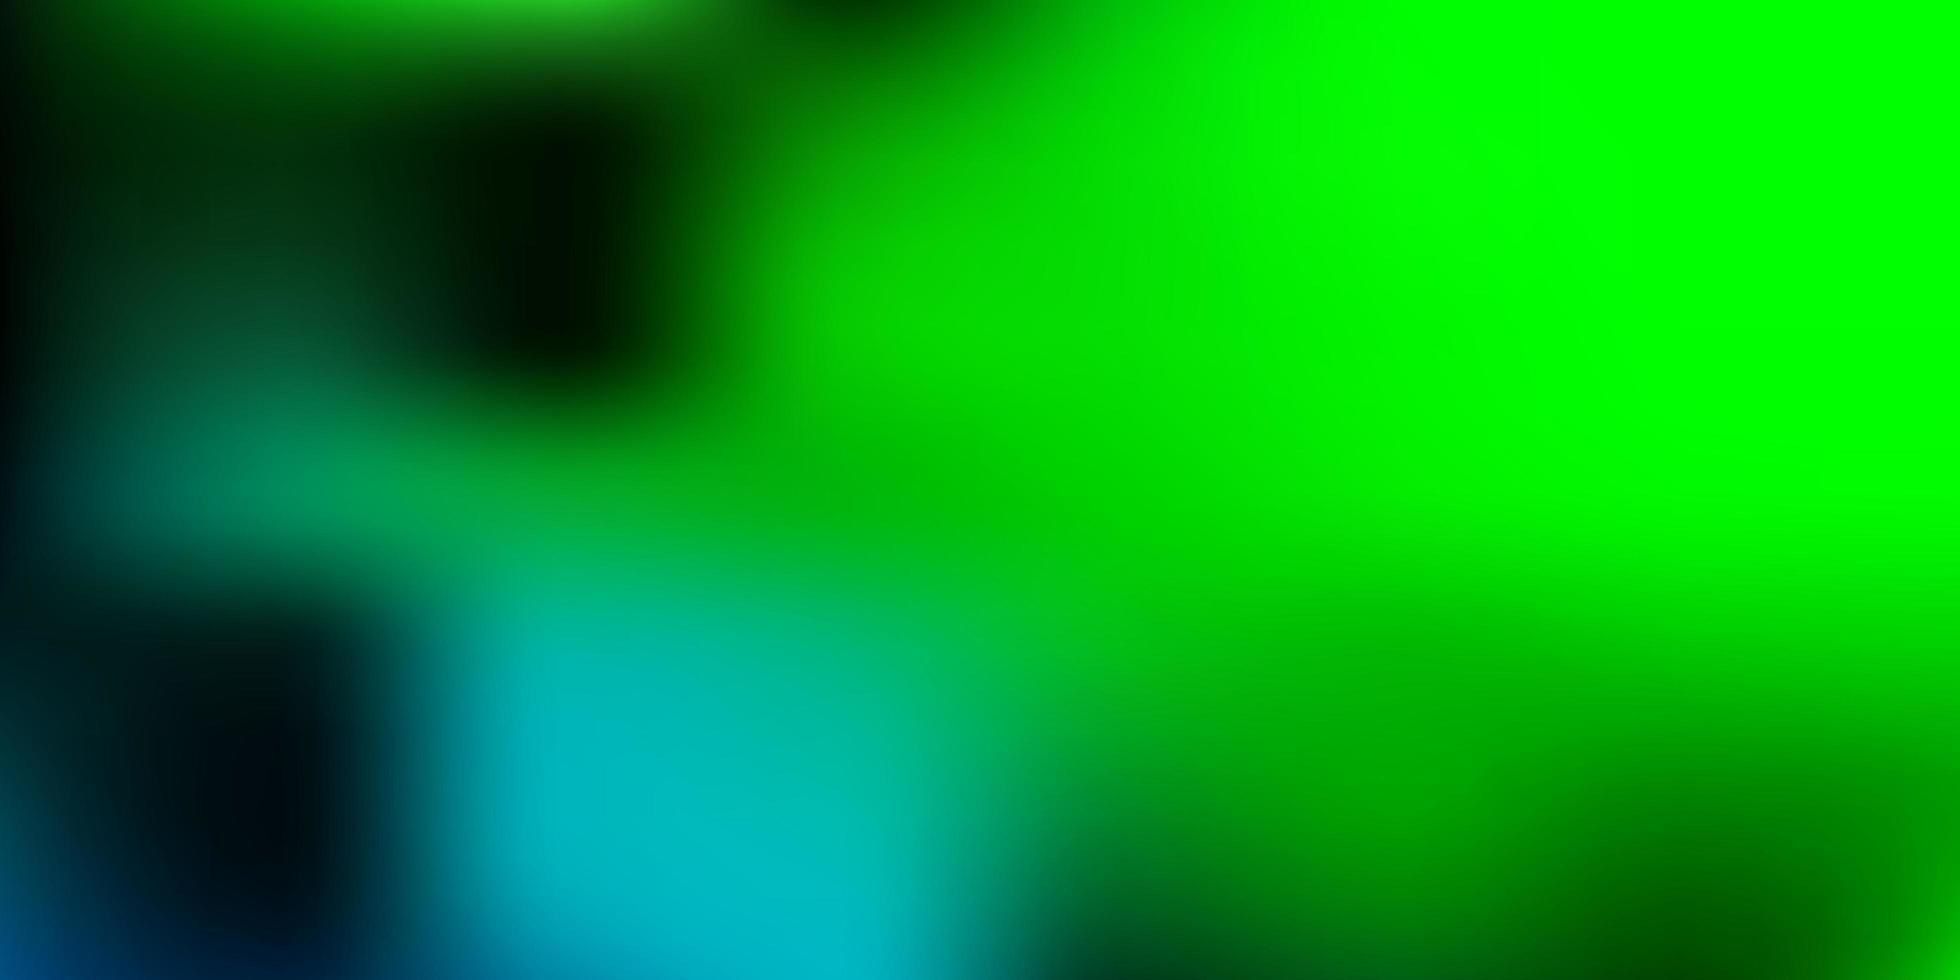 diseño borroso vector azul claro, verde.